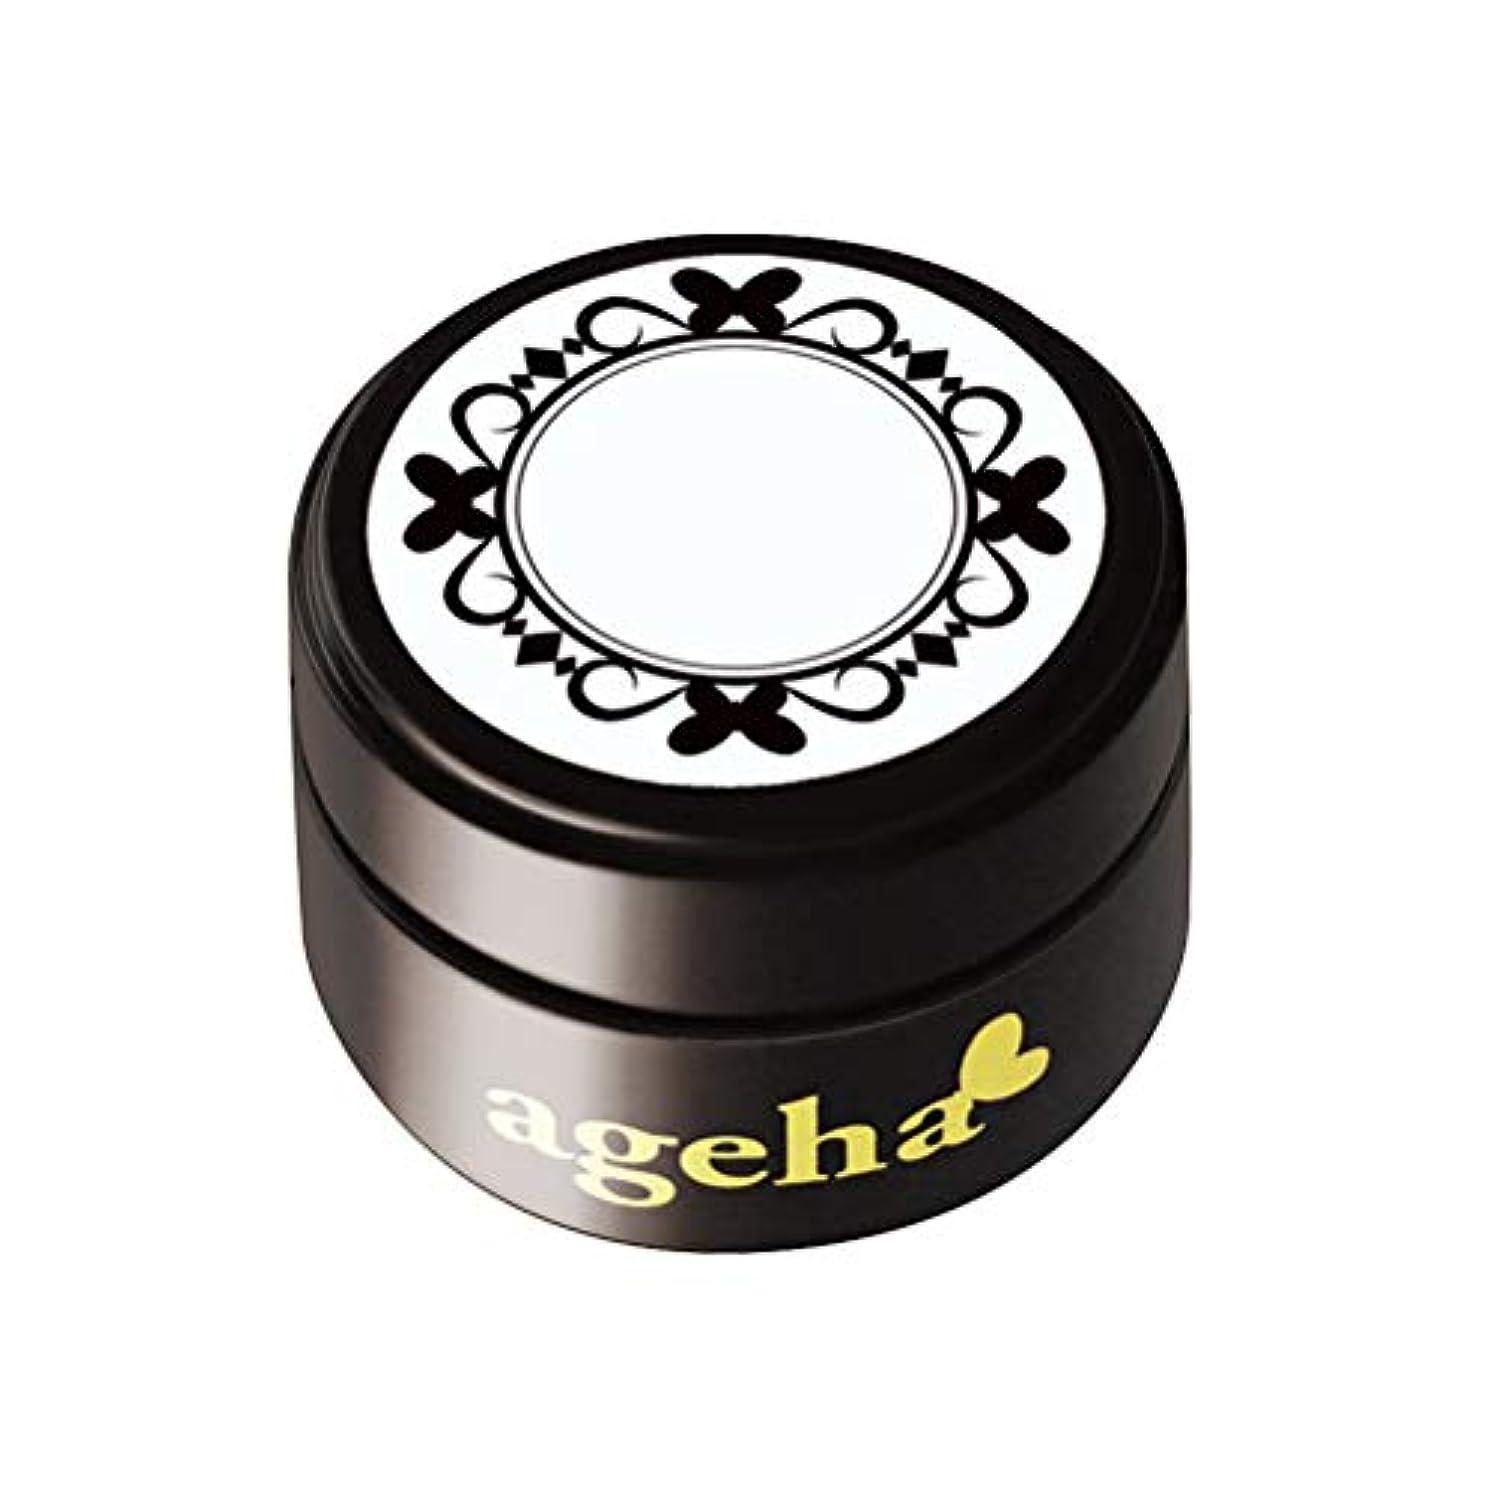 ゴミ箱を空にする役職円周ageha コスメカラー 418 ラグジュエル サラ グリッター 2.7g UV/LED対応